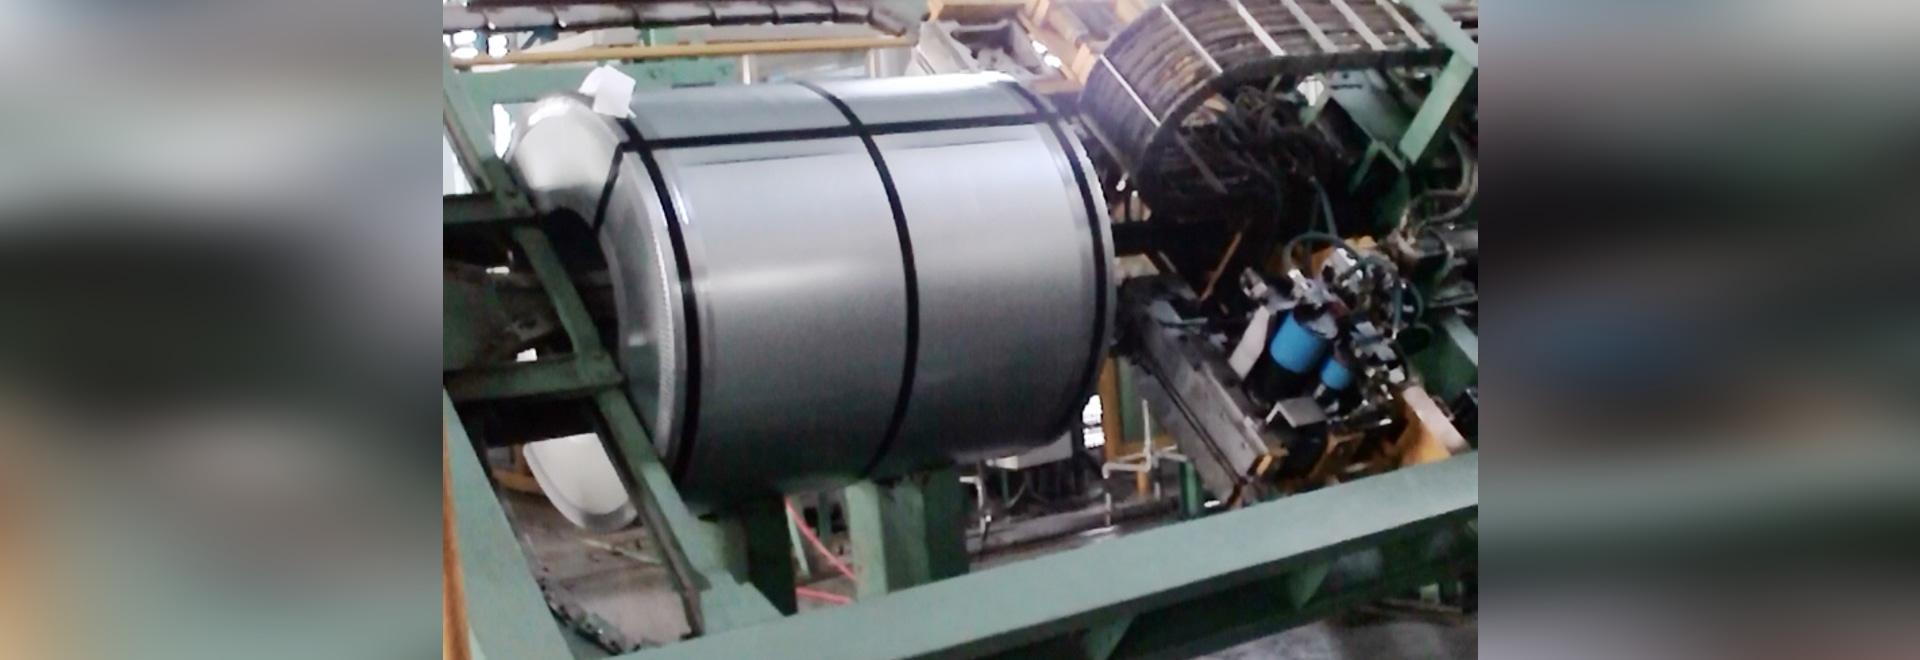 machine de cerclage en acier automatique de double tête pour le double cerclage d'à travers-bobine